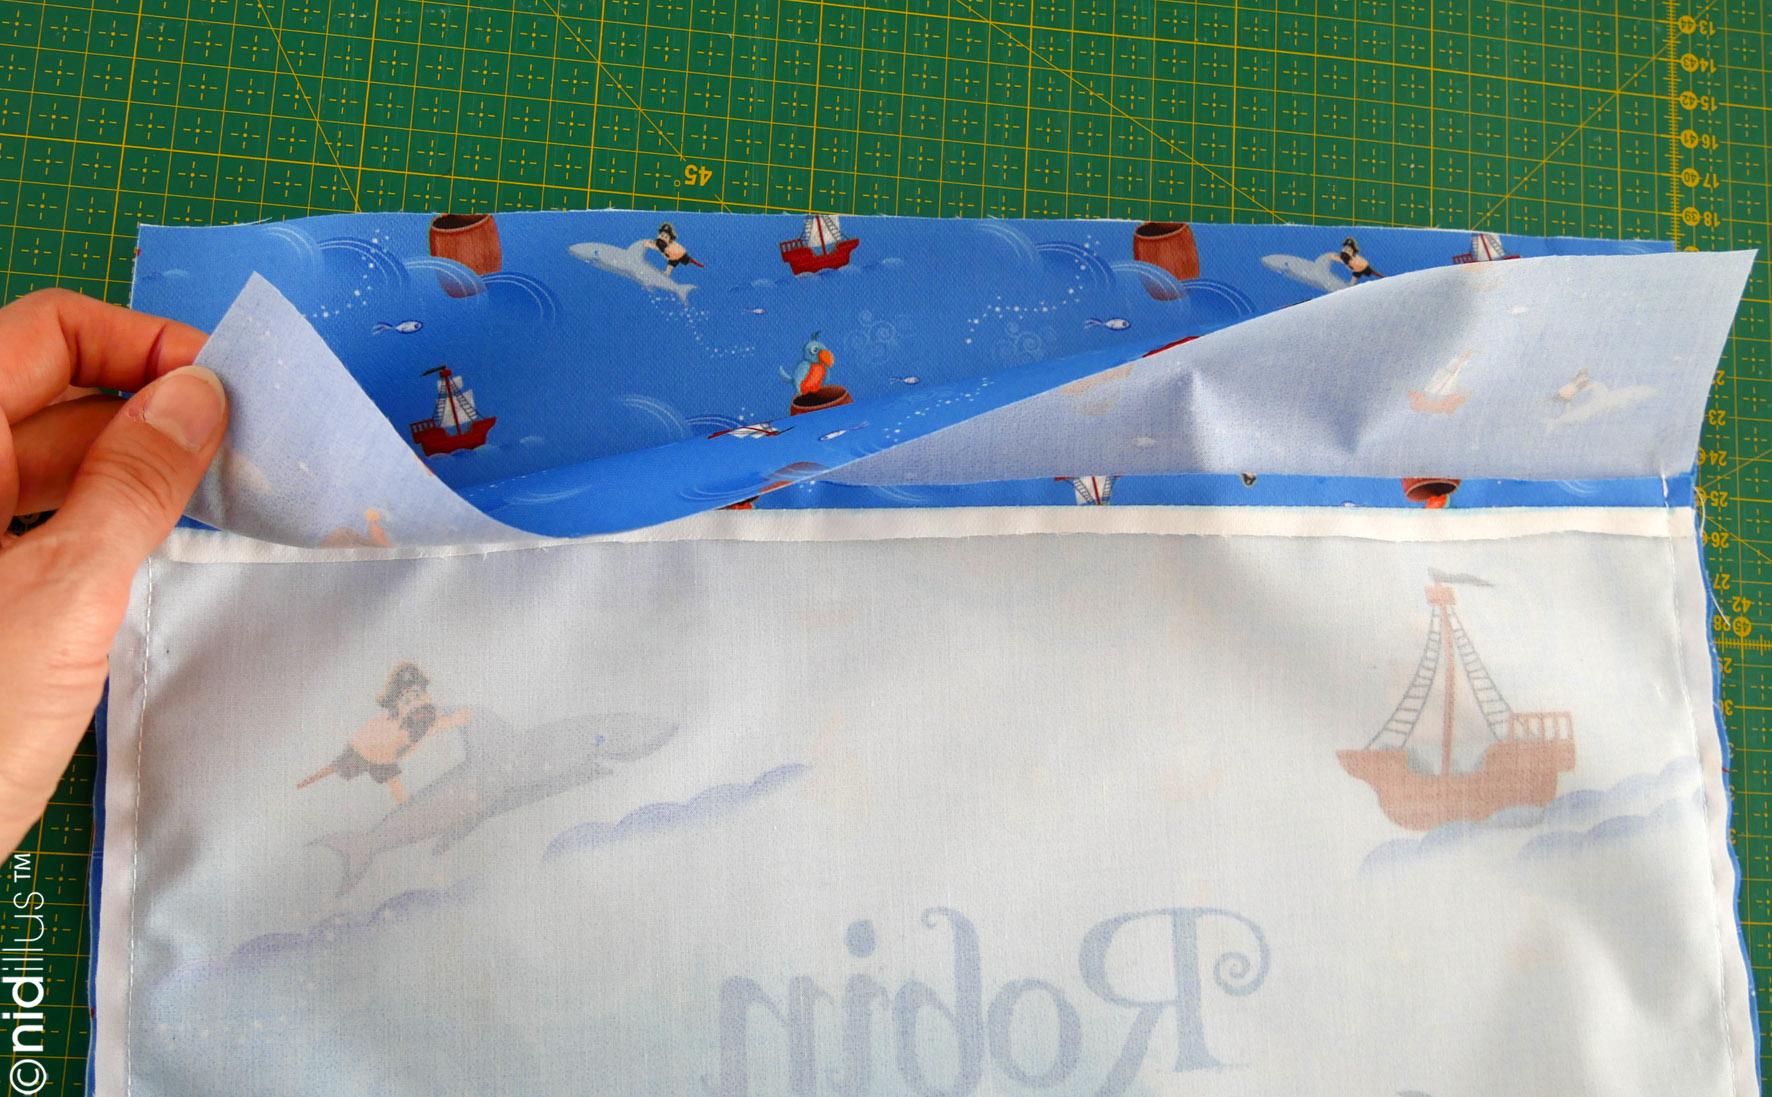 tuto sac piscine coupon tissu illustre nidillus14